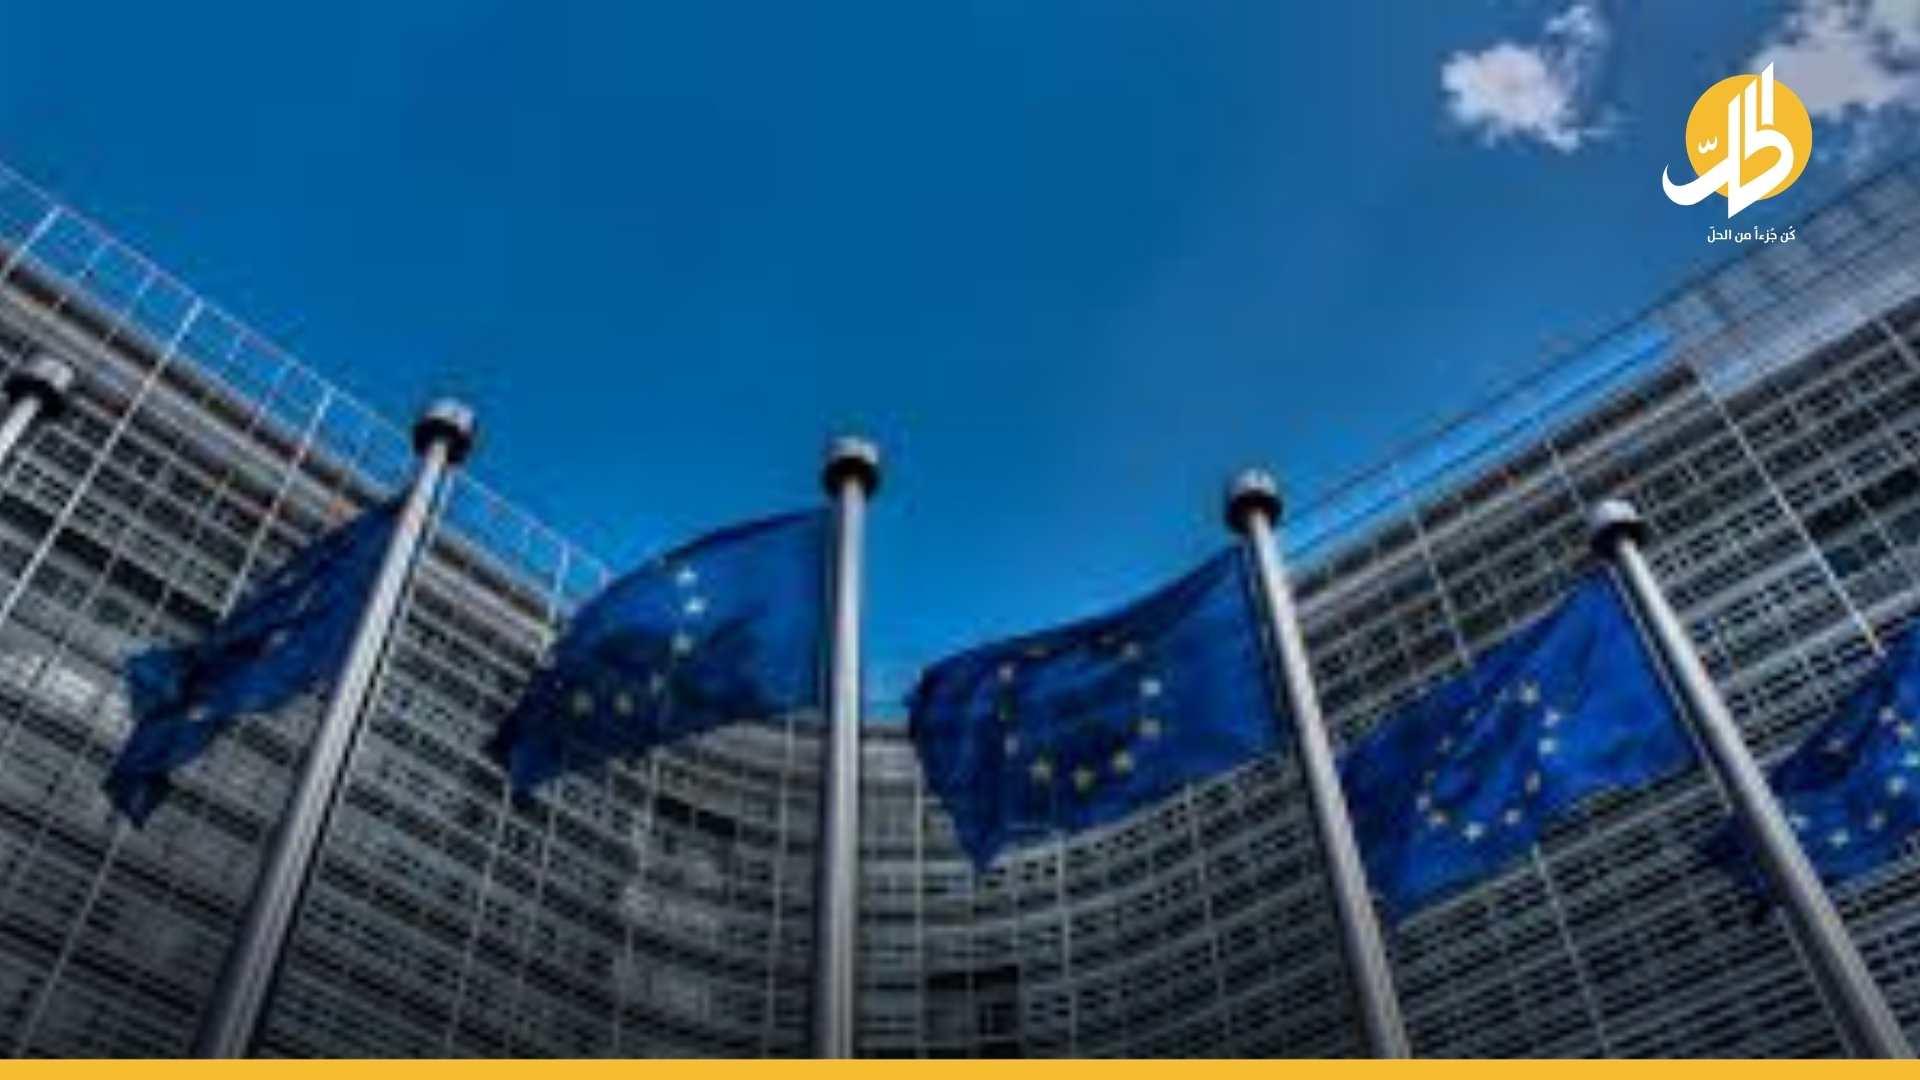 بعثة الاتحاد الأوروبي تحتفل بيوم أوروبا بمشاركة معالم العراق التاريخية (فيديو)